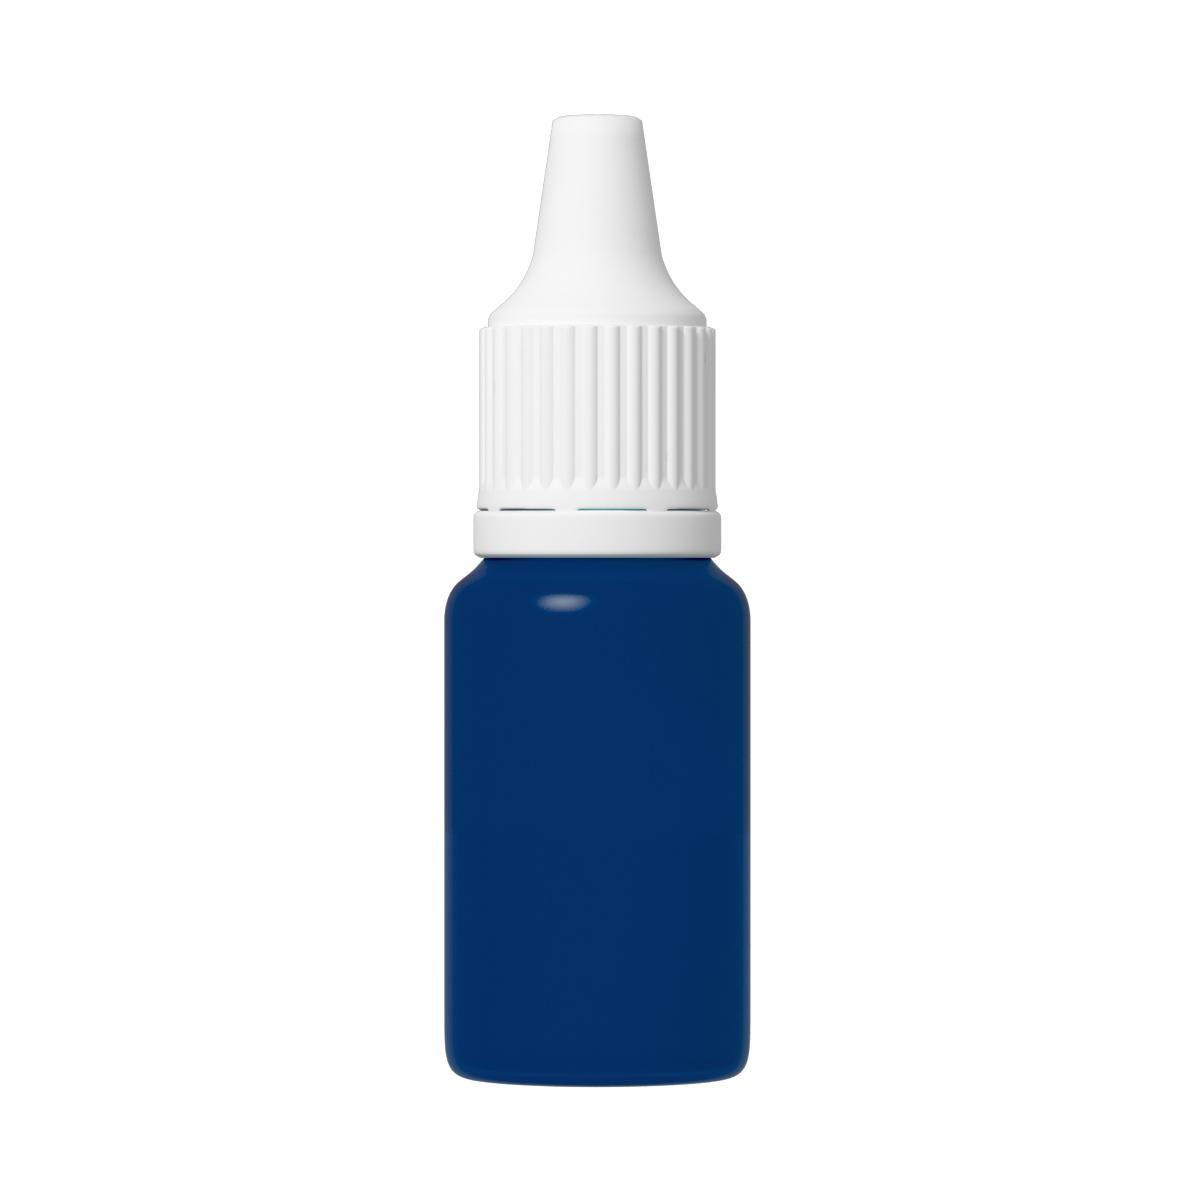 TFC Silikonfarbe Farbpaste Silikon Kautschuk PB15-1 RAL5022 blau blue